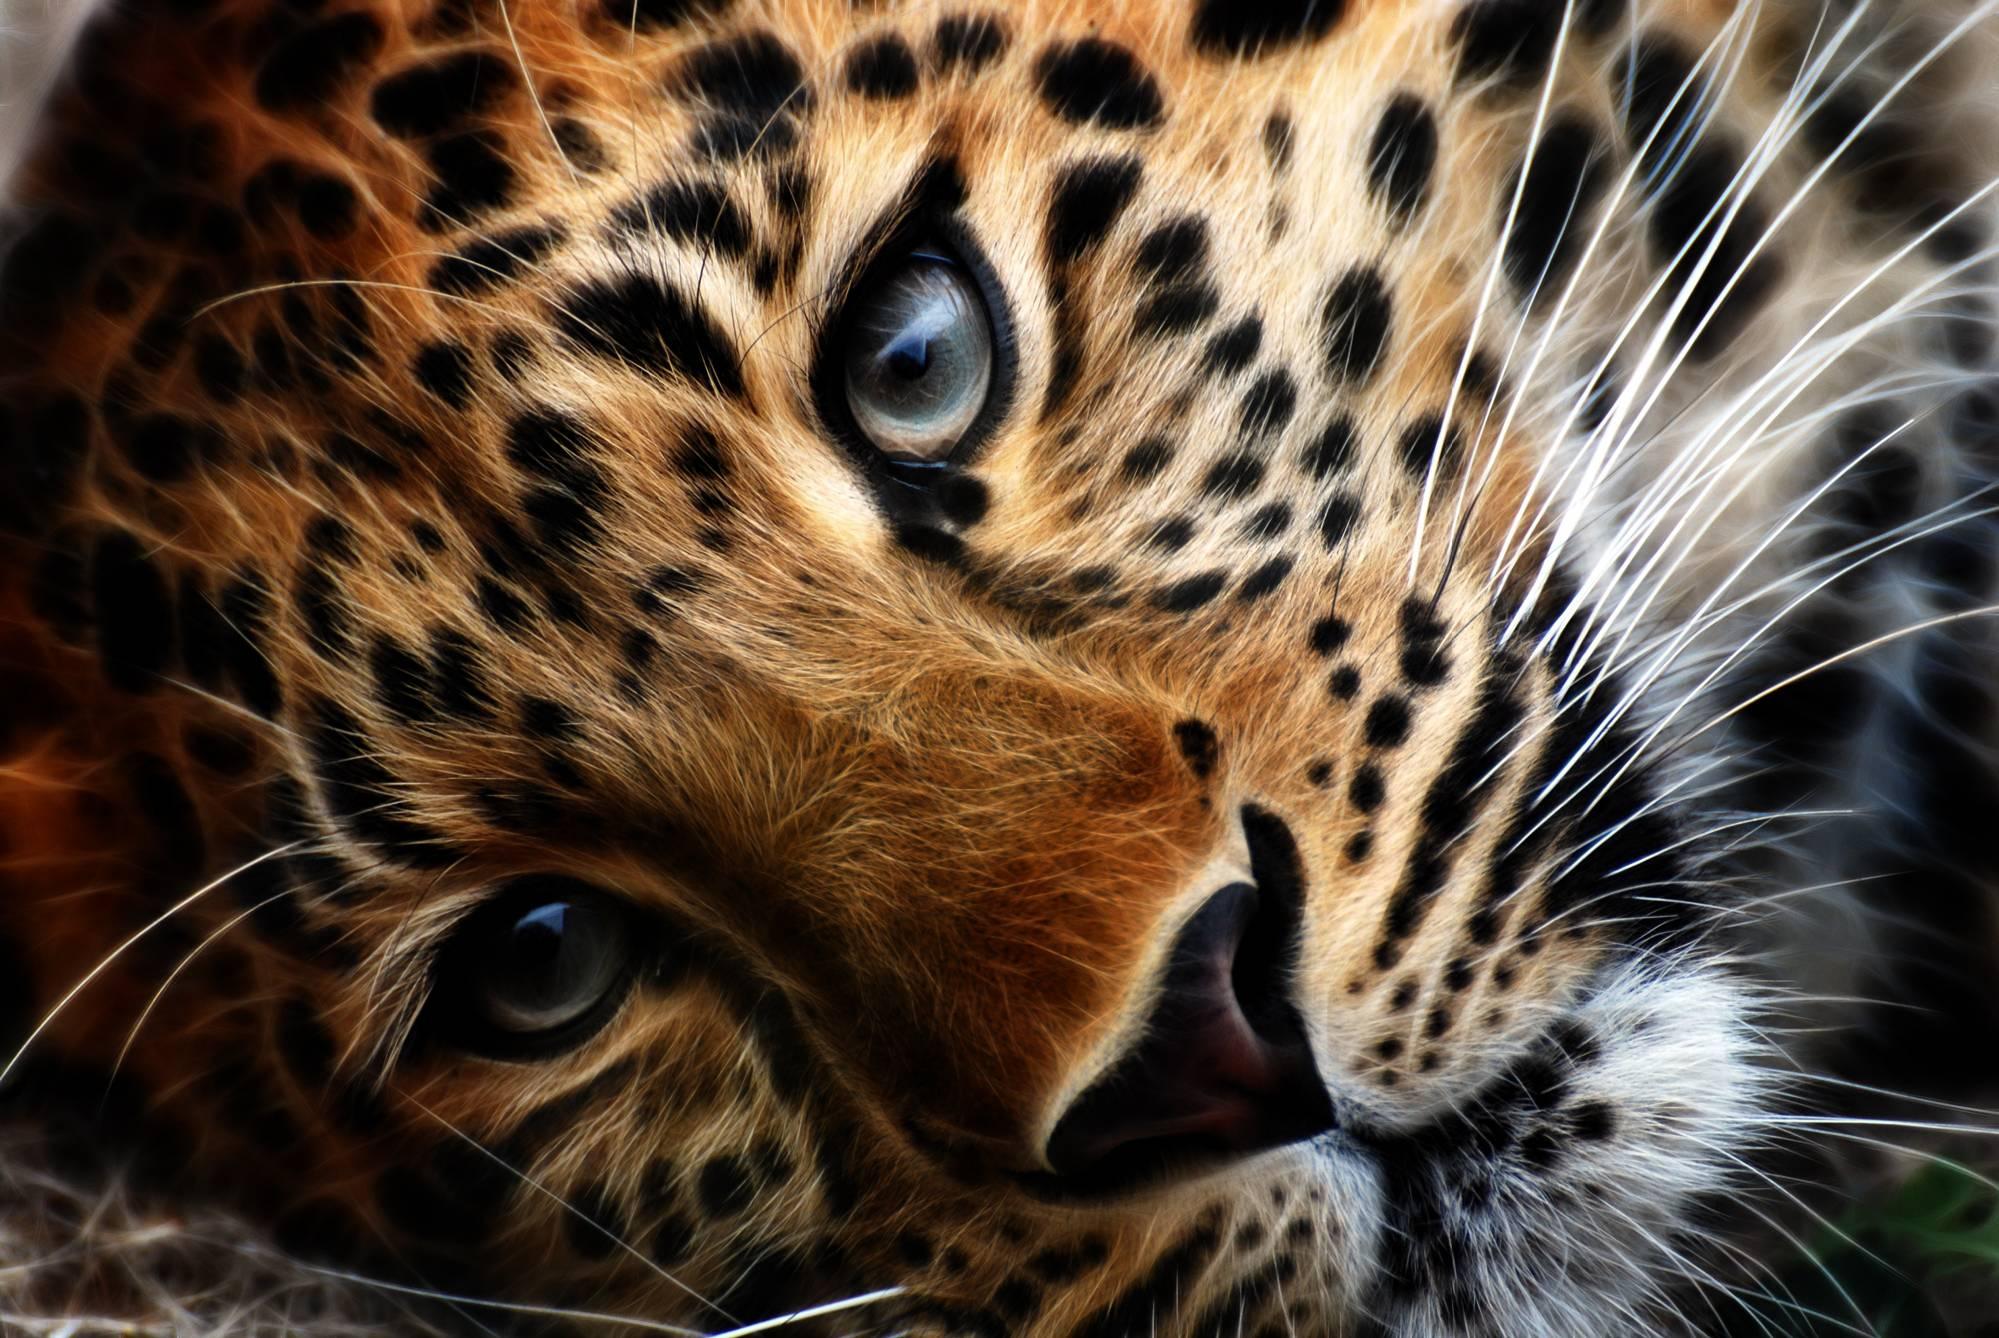 Desktop Hd Tiger Attack Pics: Tiger HD Wallpapers